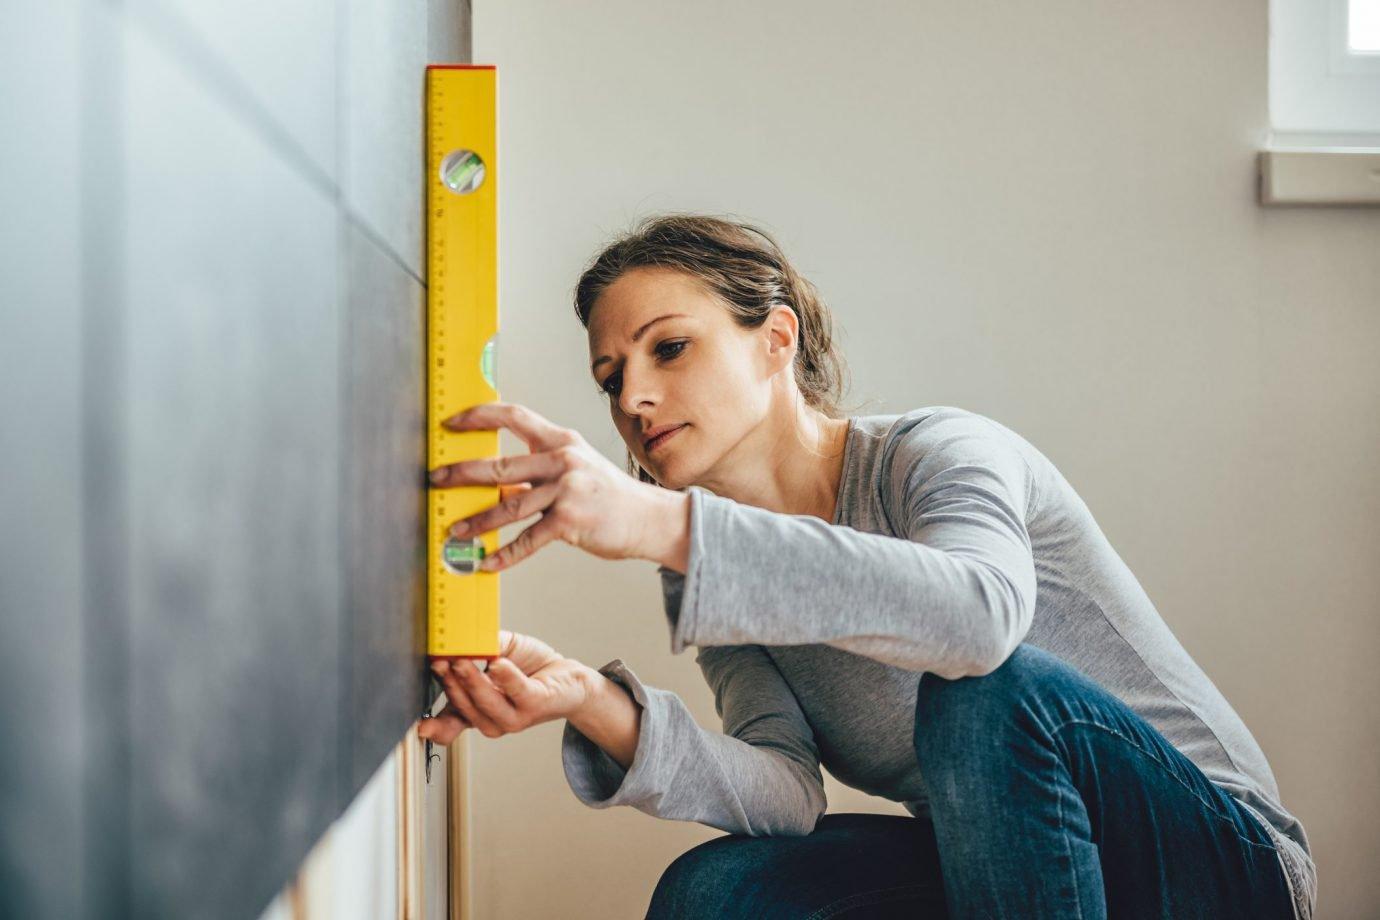 Conserto doméstico feito por mulheres ganha espaço | Exame